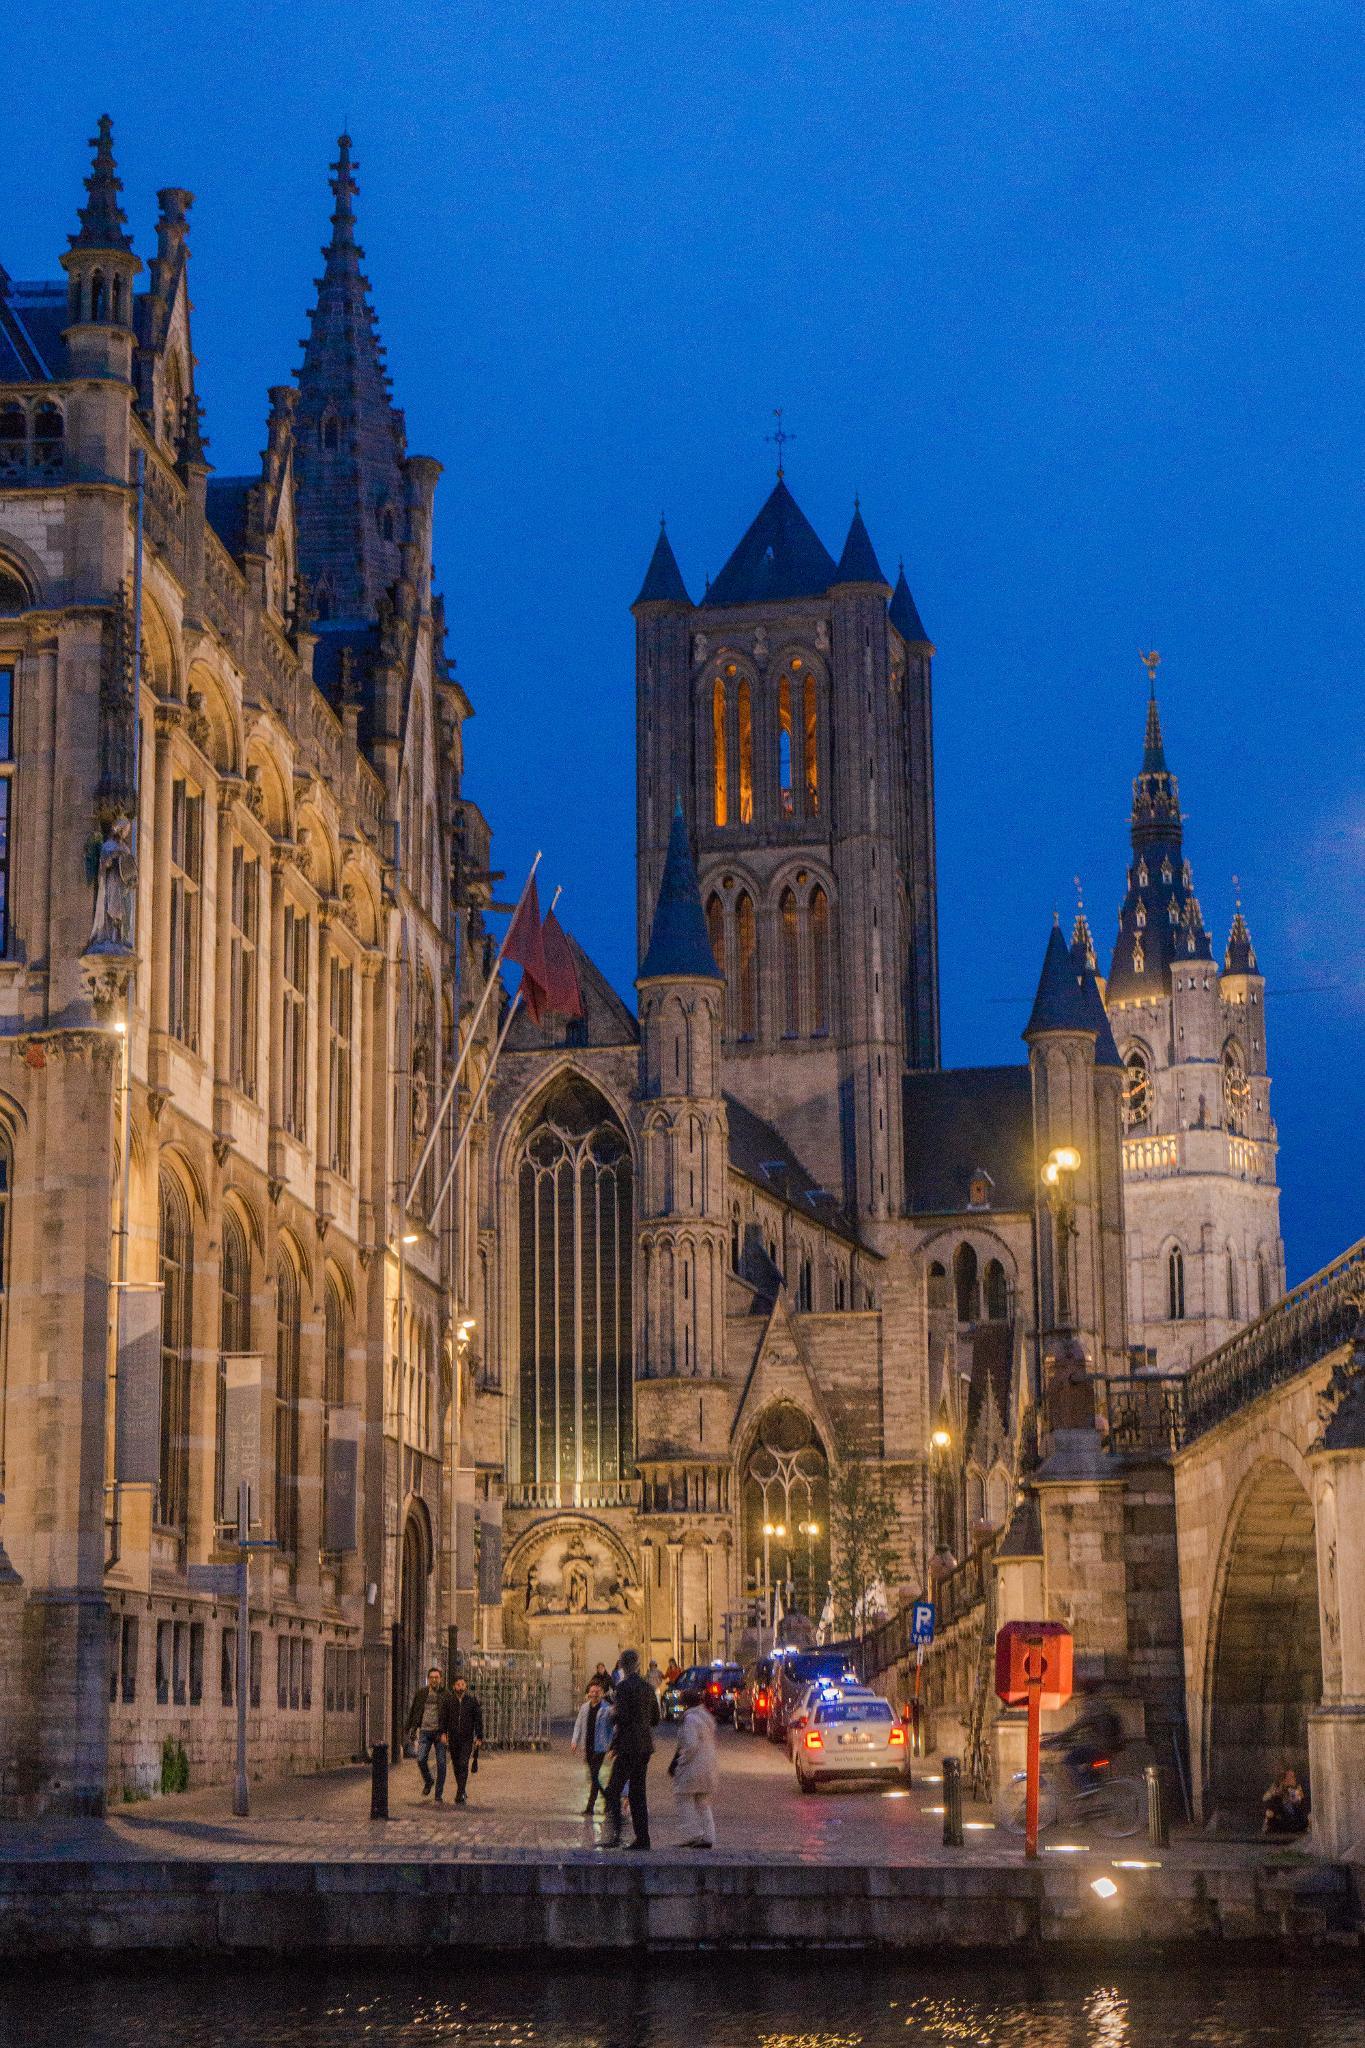 【比利時】穿梭中世紀的大城小事 — 比利時根特 (Ghent) 散步景點總整理 86